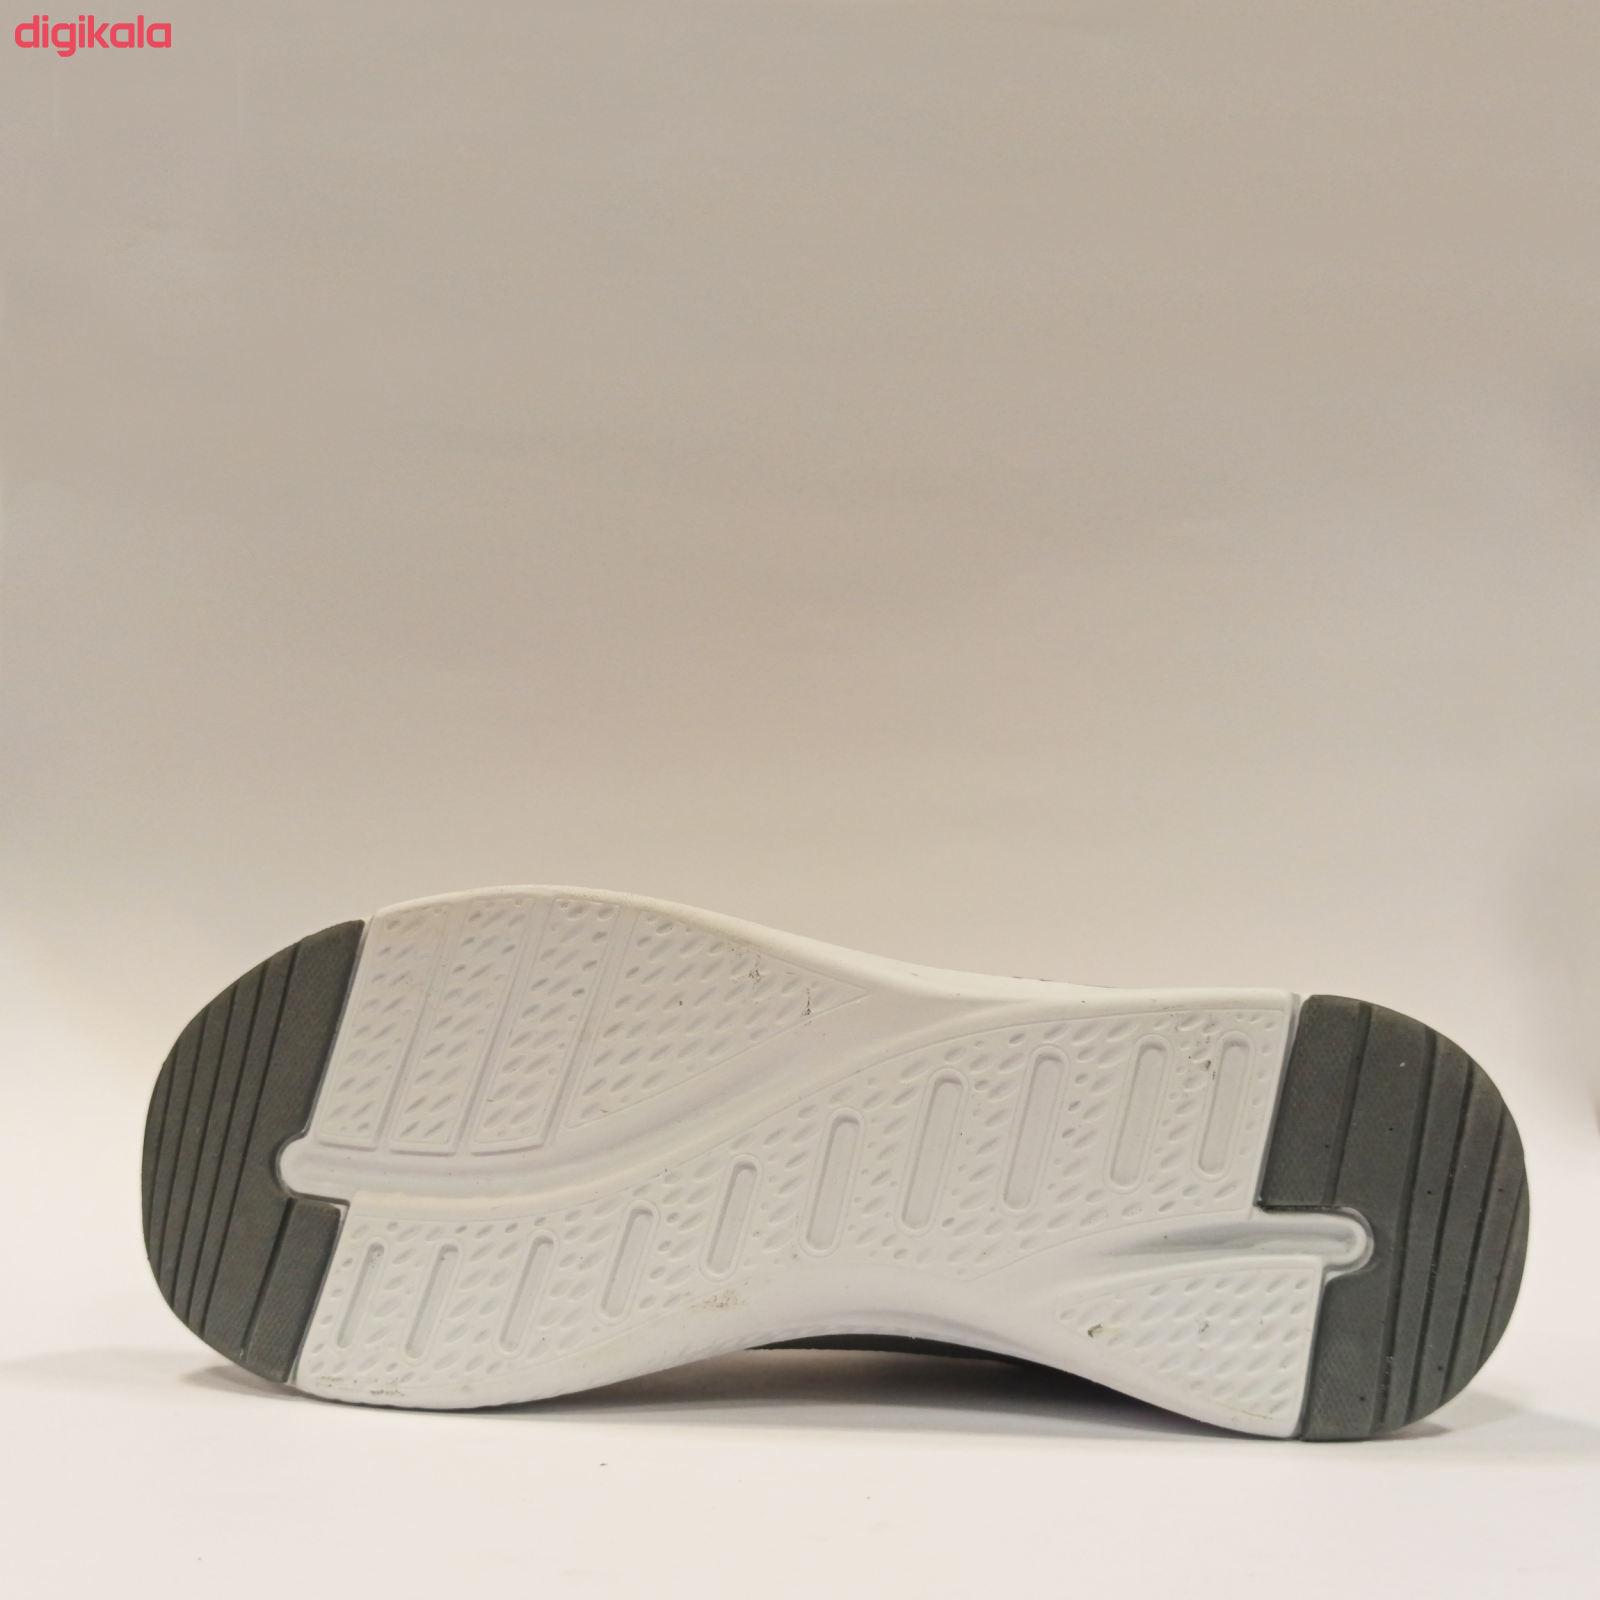 کفش پیاده روی مردانه مدل runfree2 main 1 2